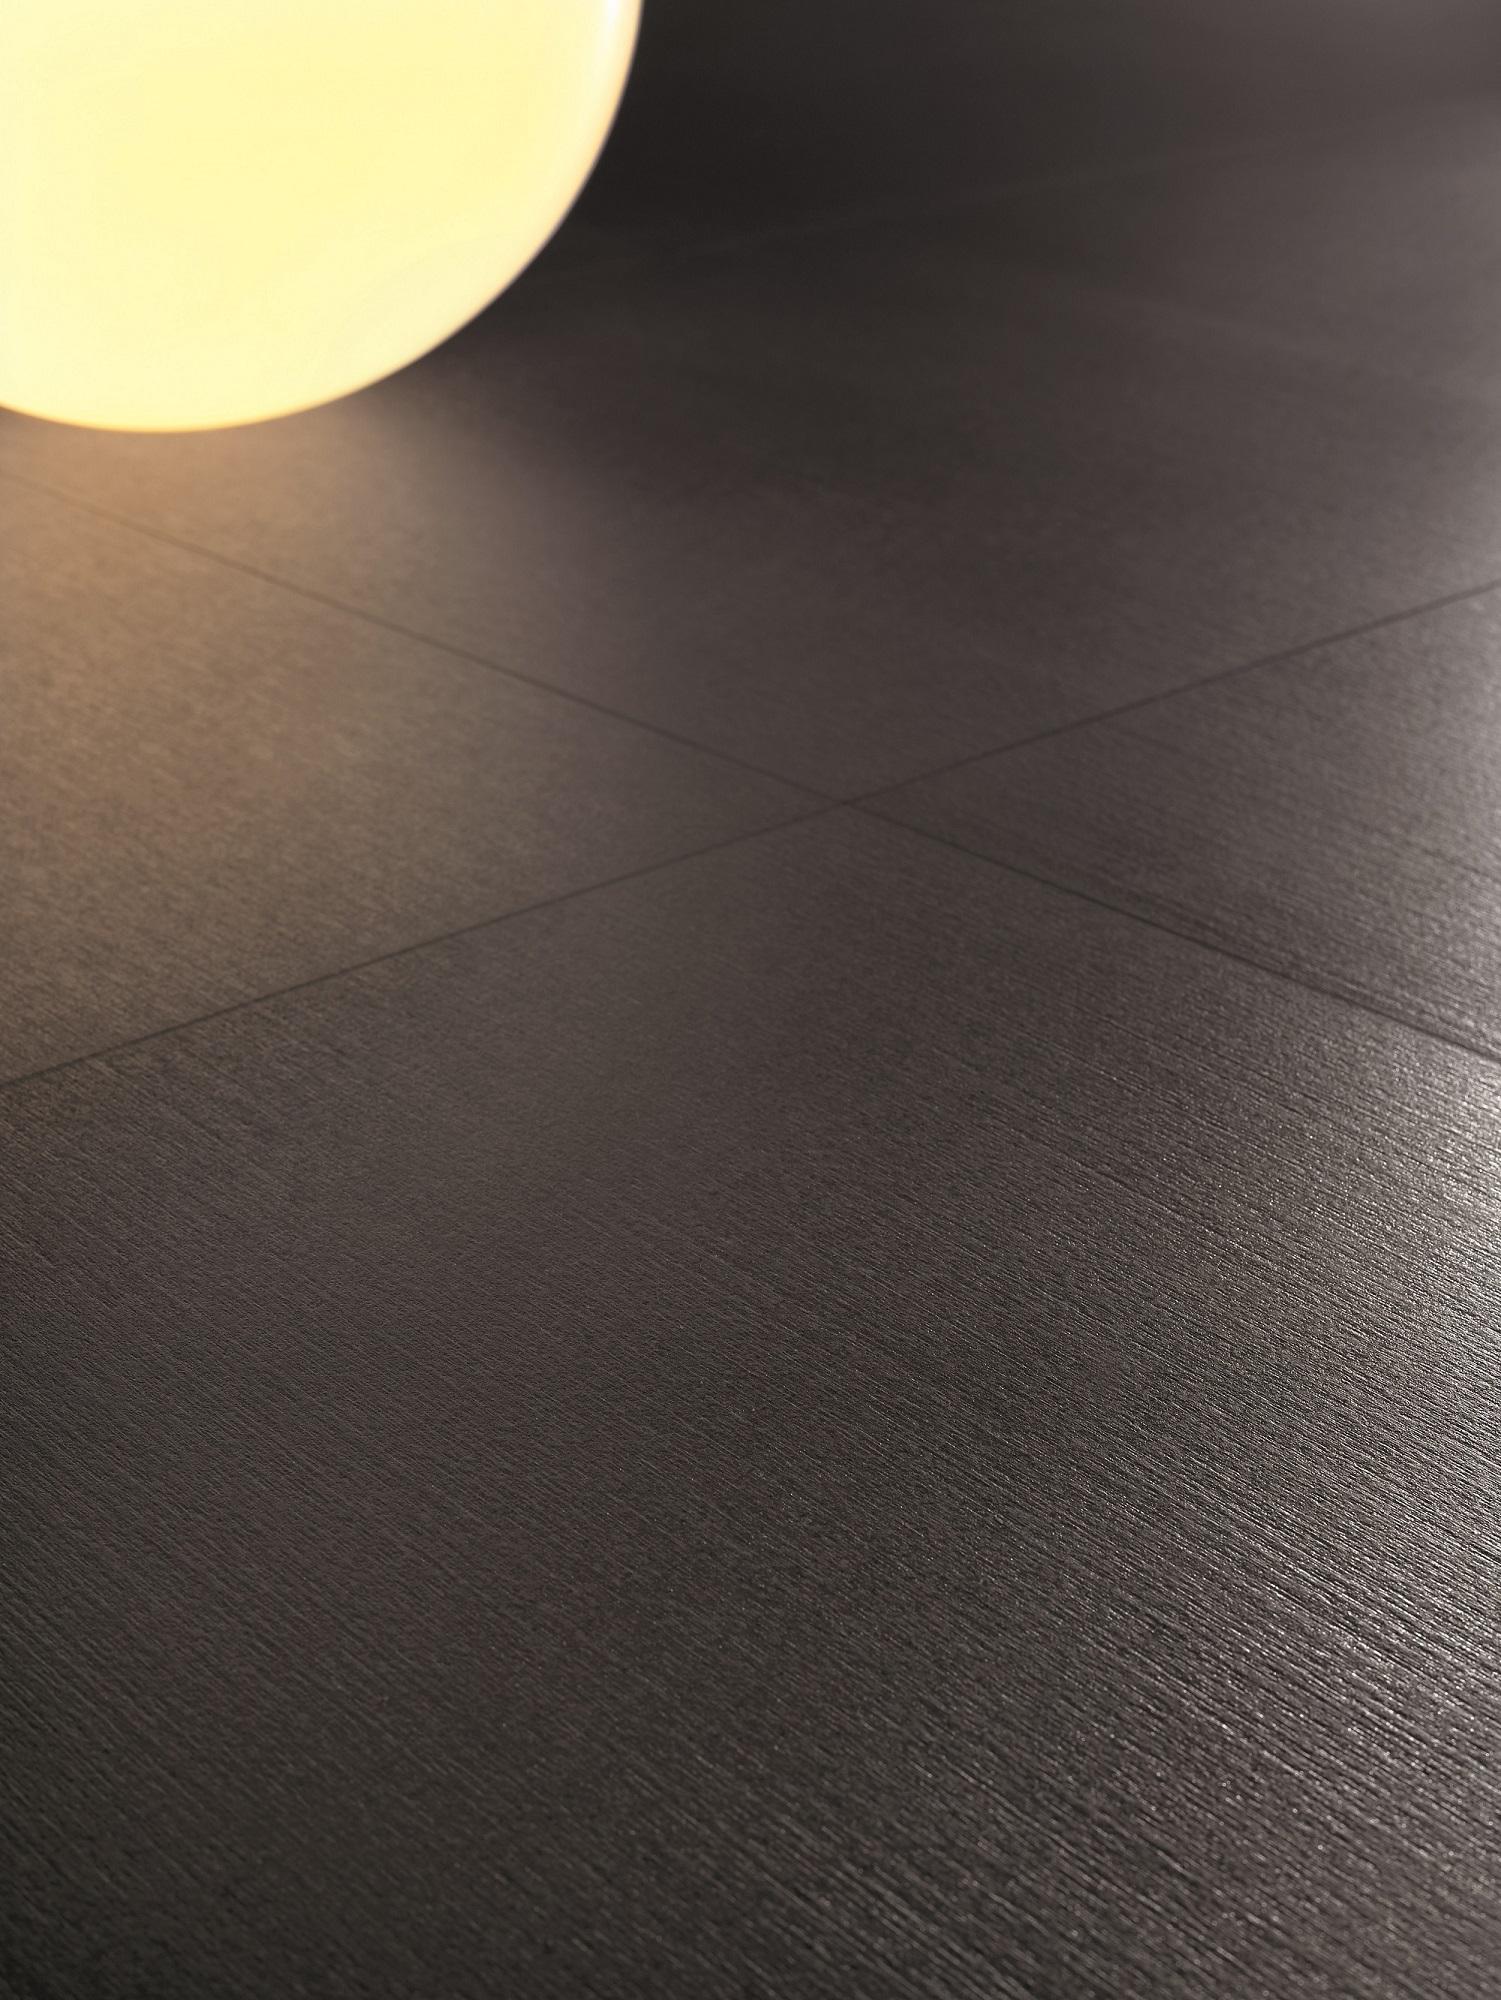 Bạn có thể cảm nhận nét đẹp đầy lịch lãm toát lên trong từng chuyển động ánh sáng trên bề mặt mỗi viên gạch.